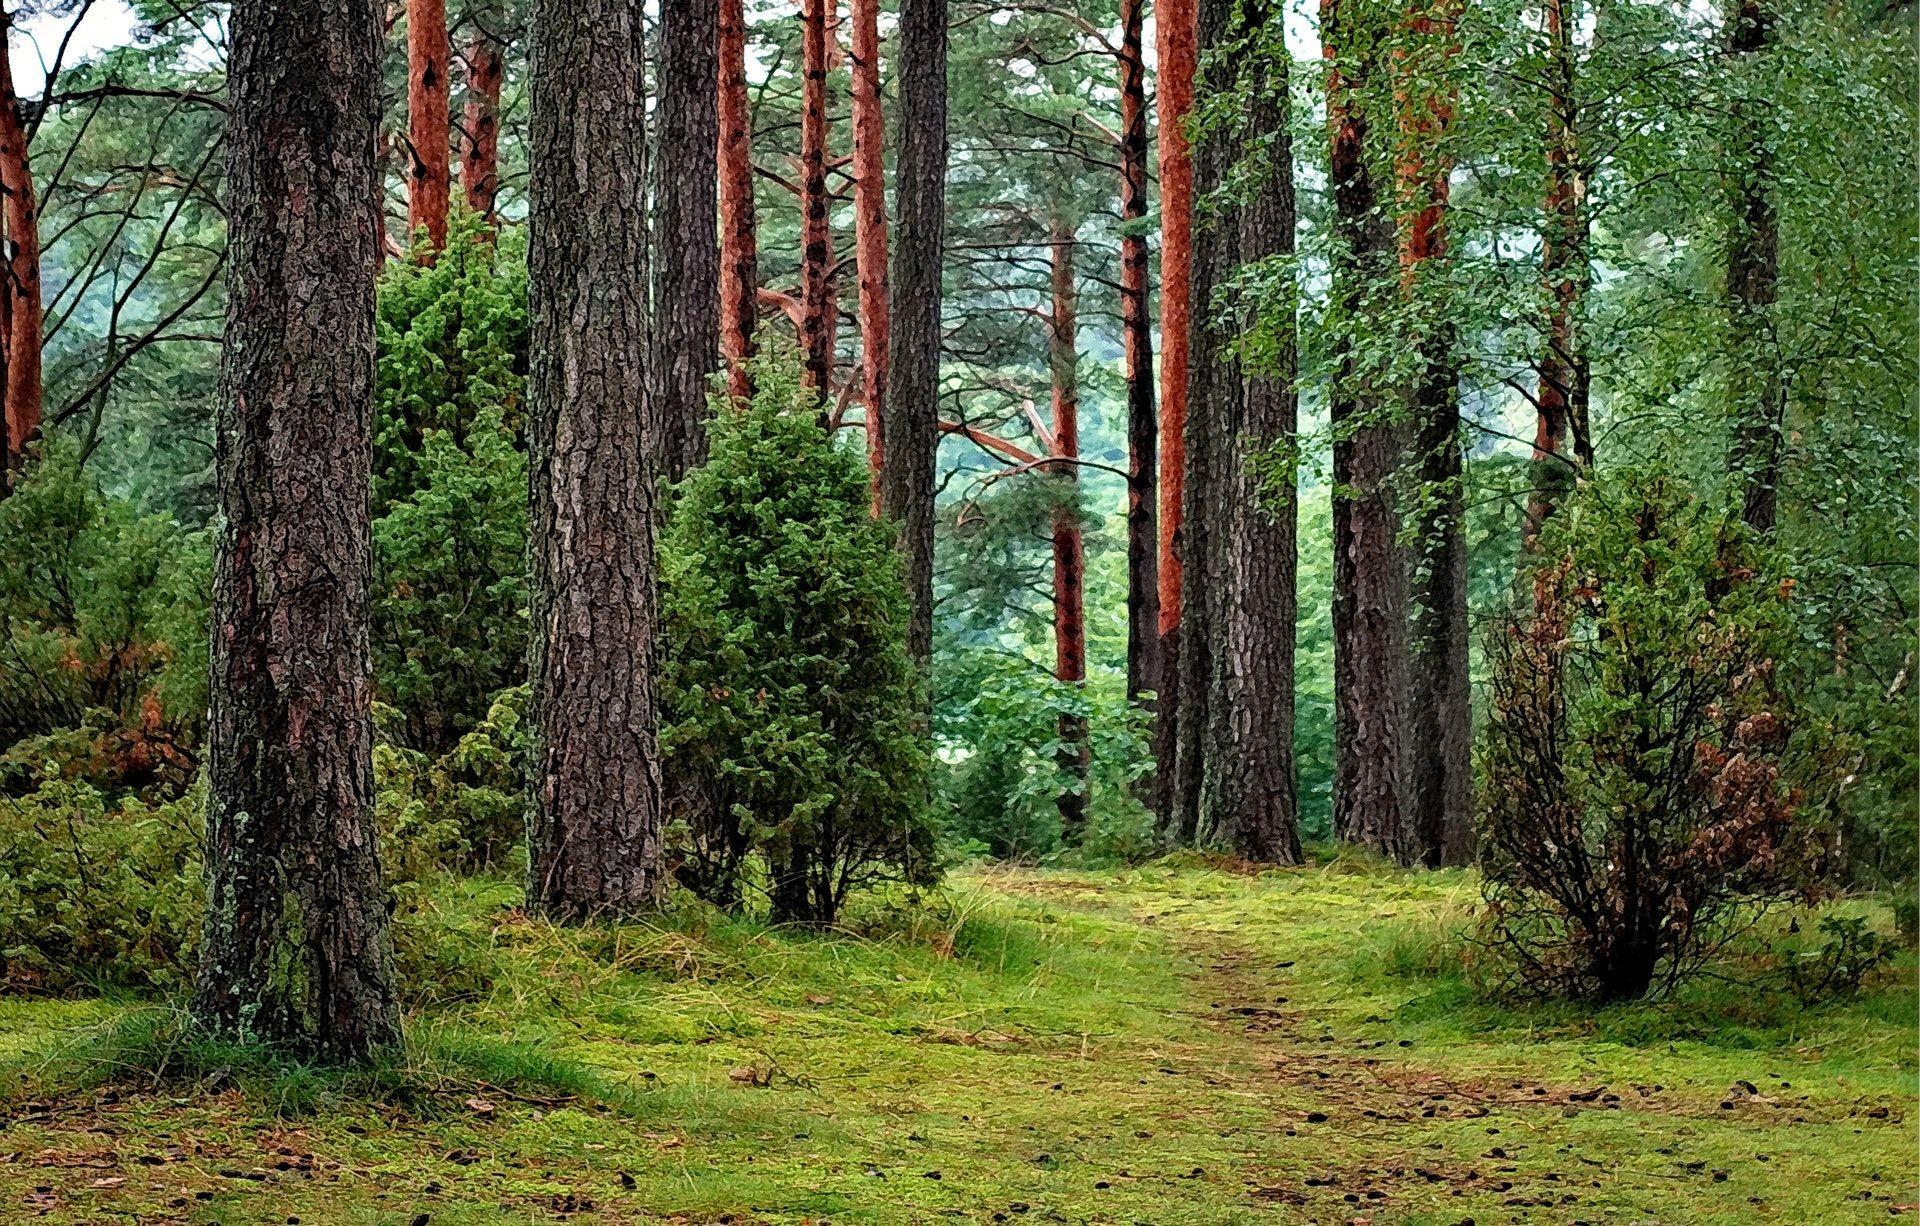 عکس زمینه درختان بلند و سبز در جنگل پس زمینه